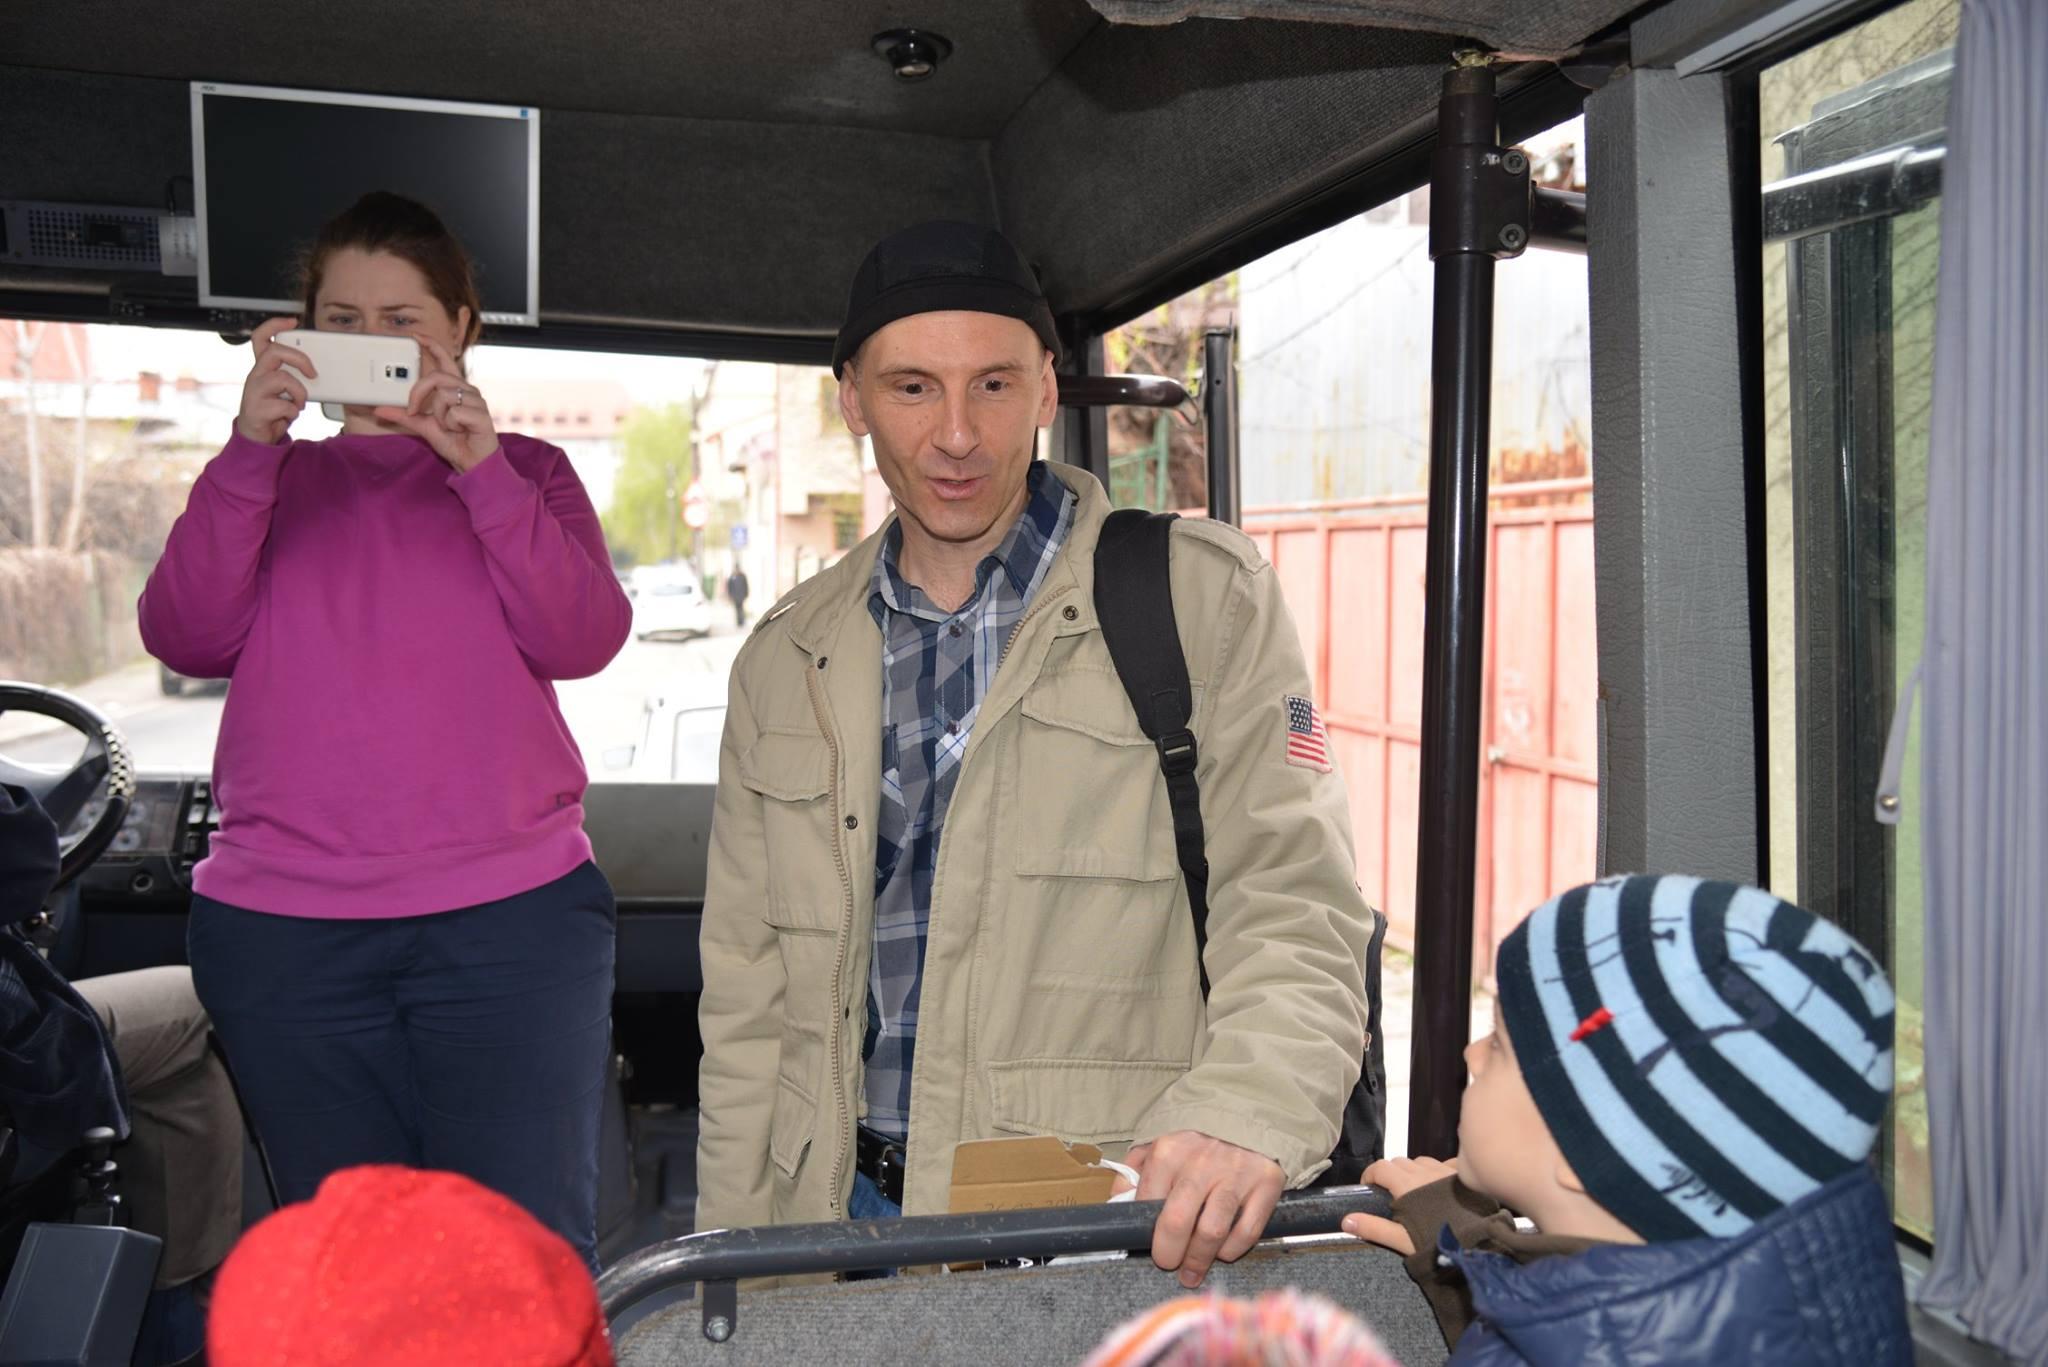 activitatisciale-scoalaaltfel-apr2015_05